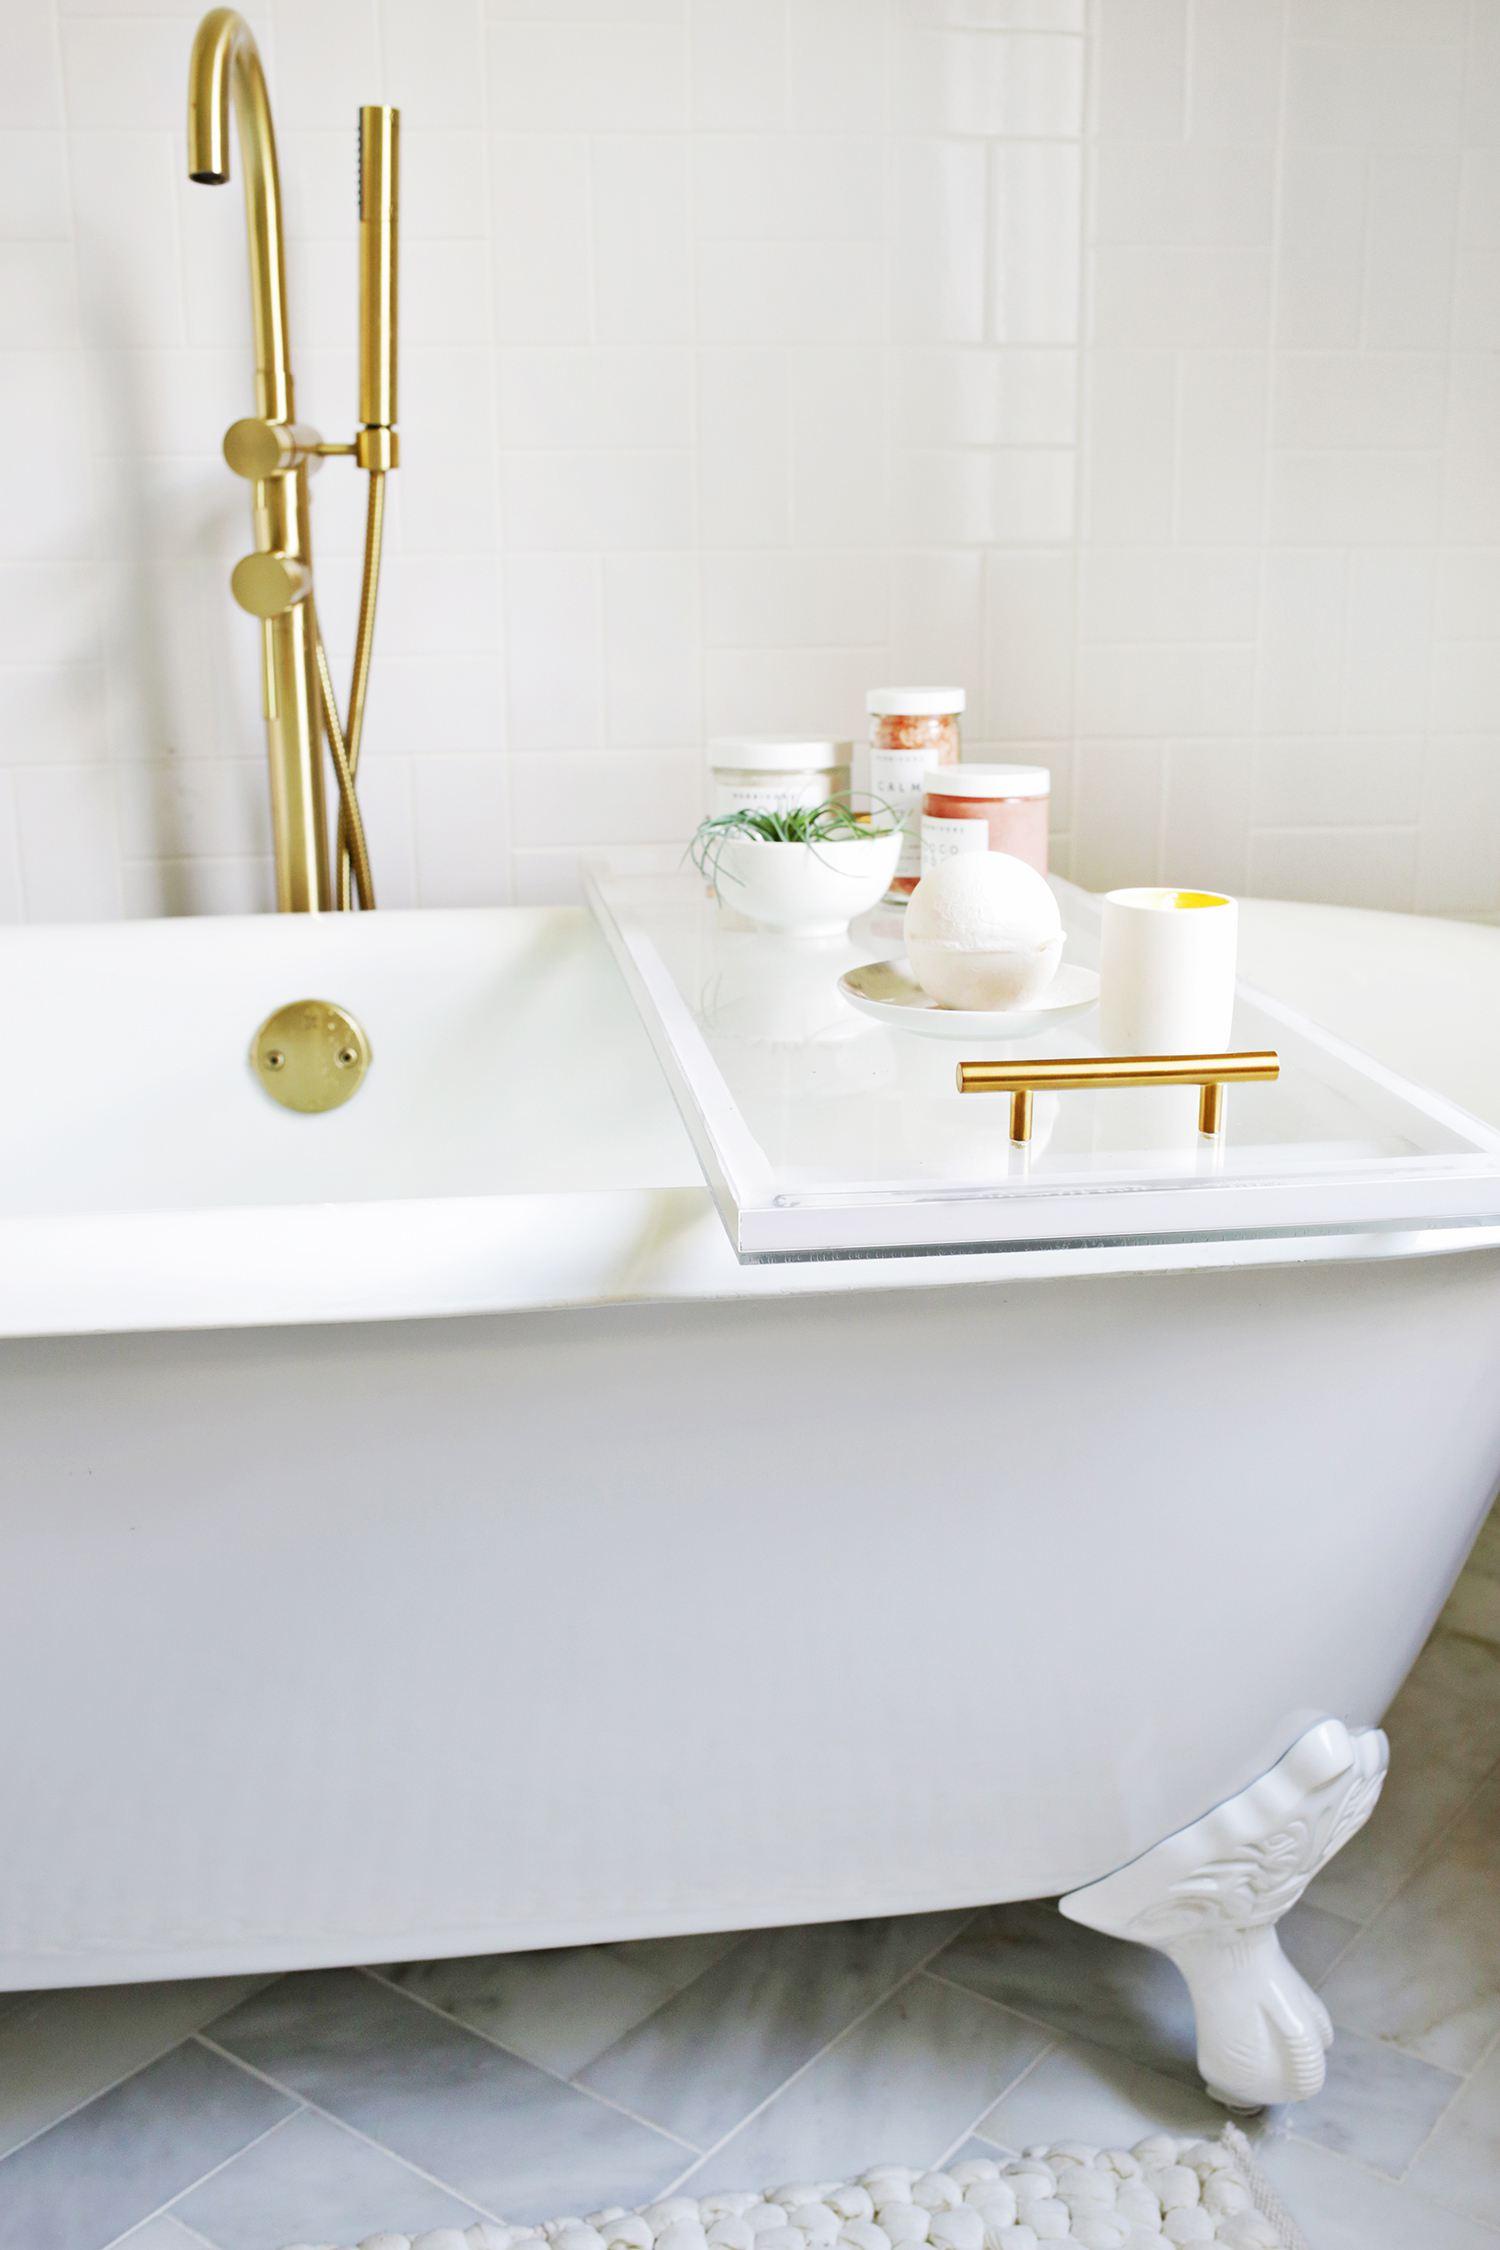 How to Transform Your Bathroom Into a Home Spa